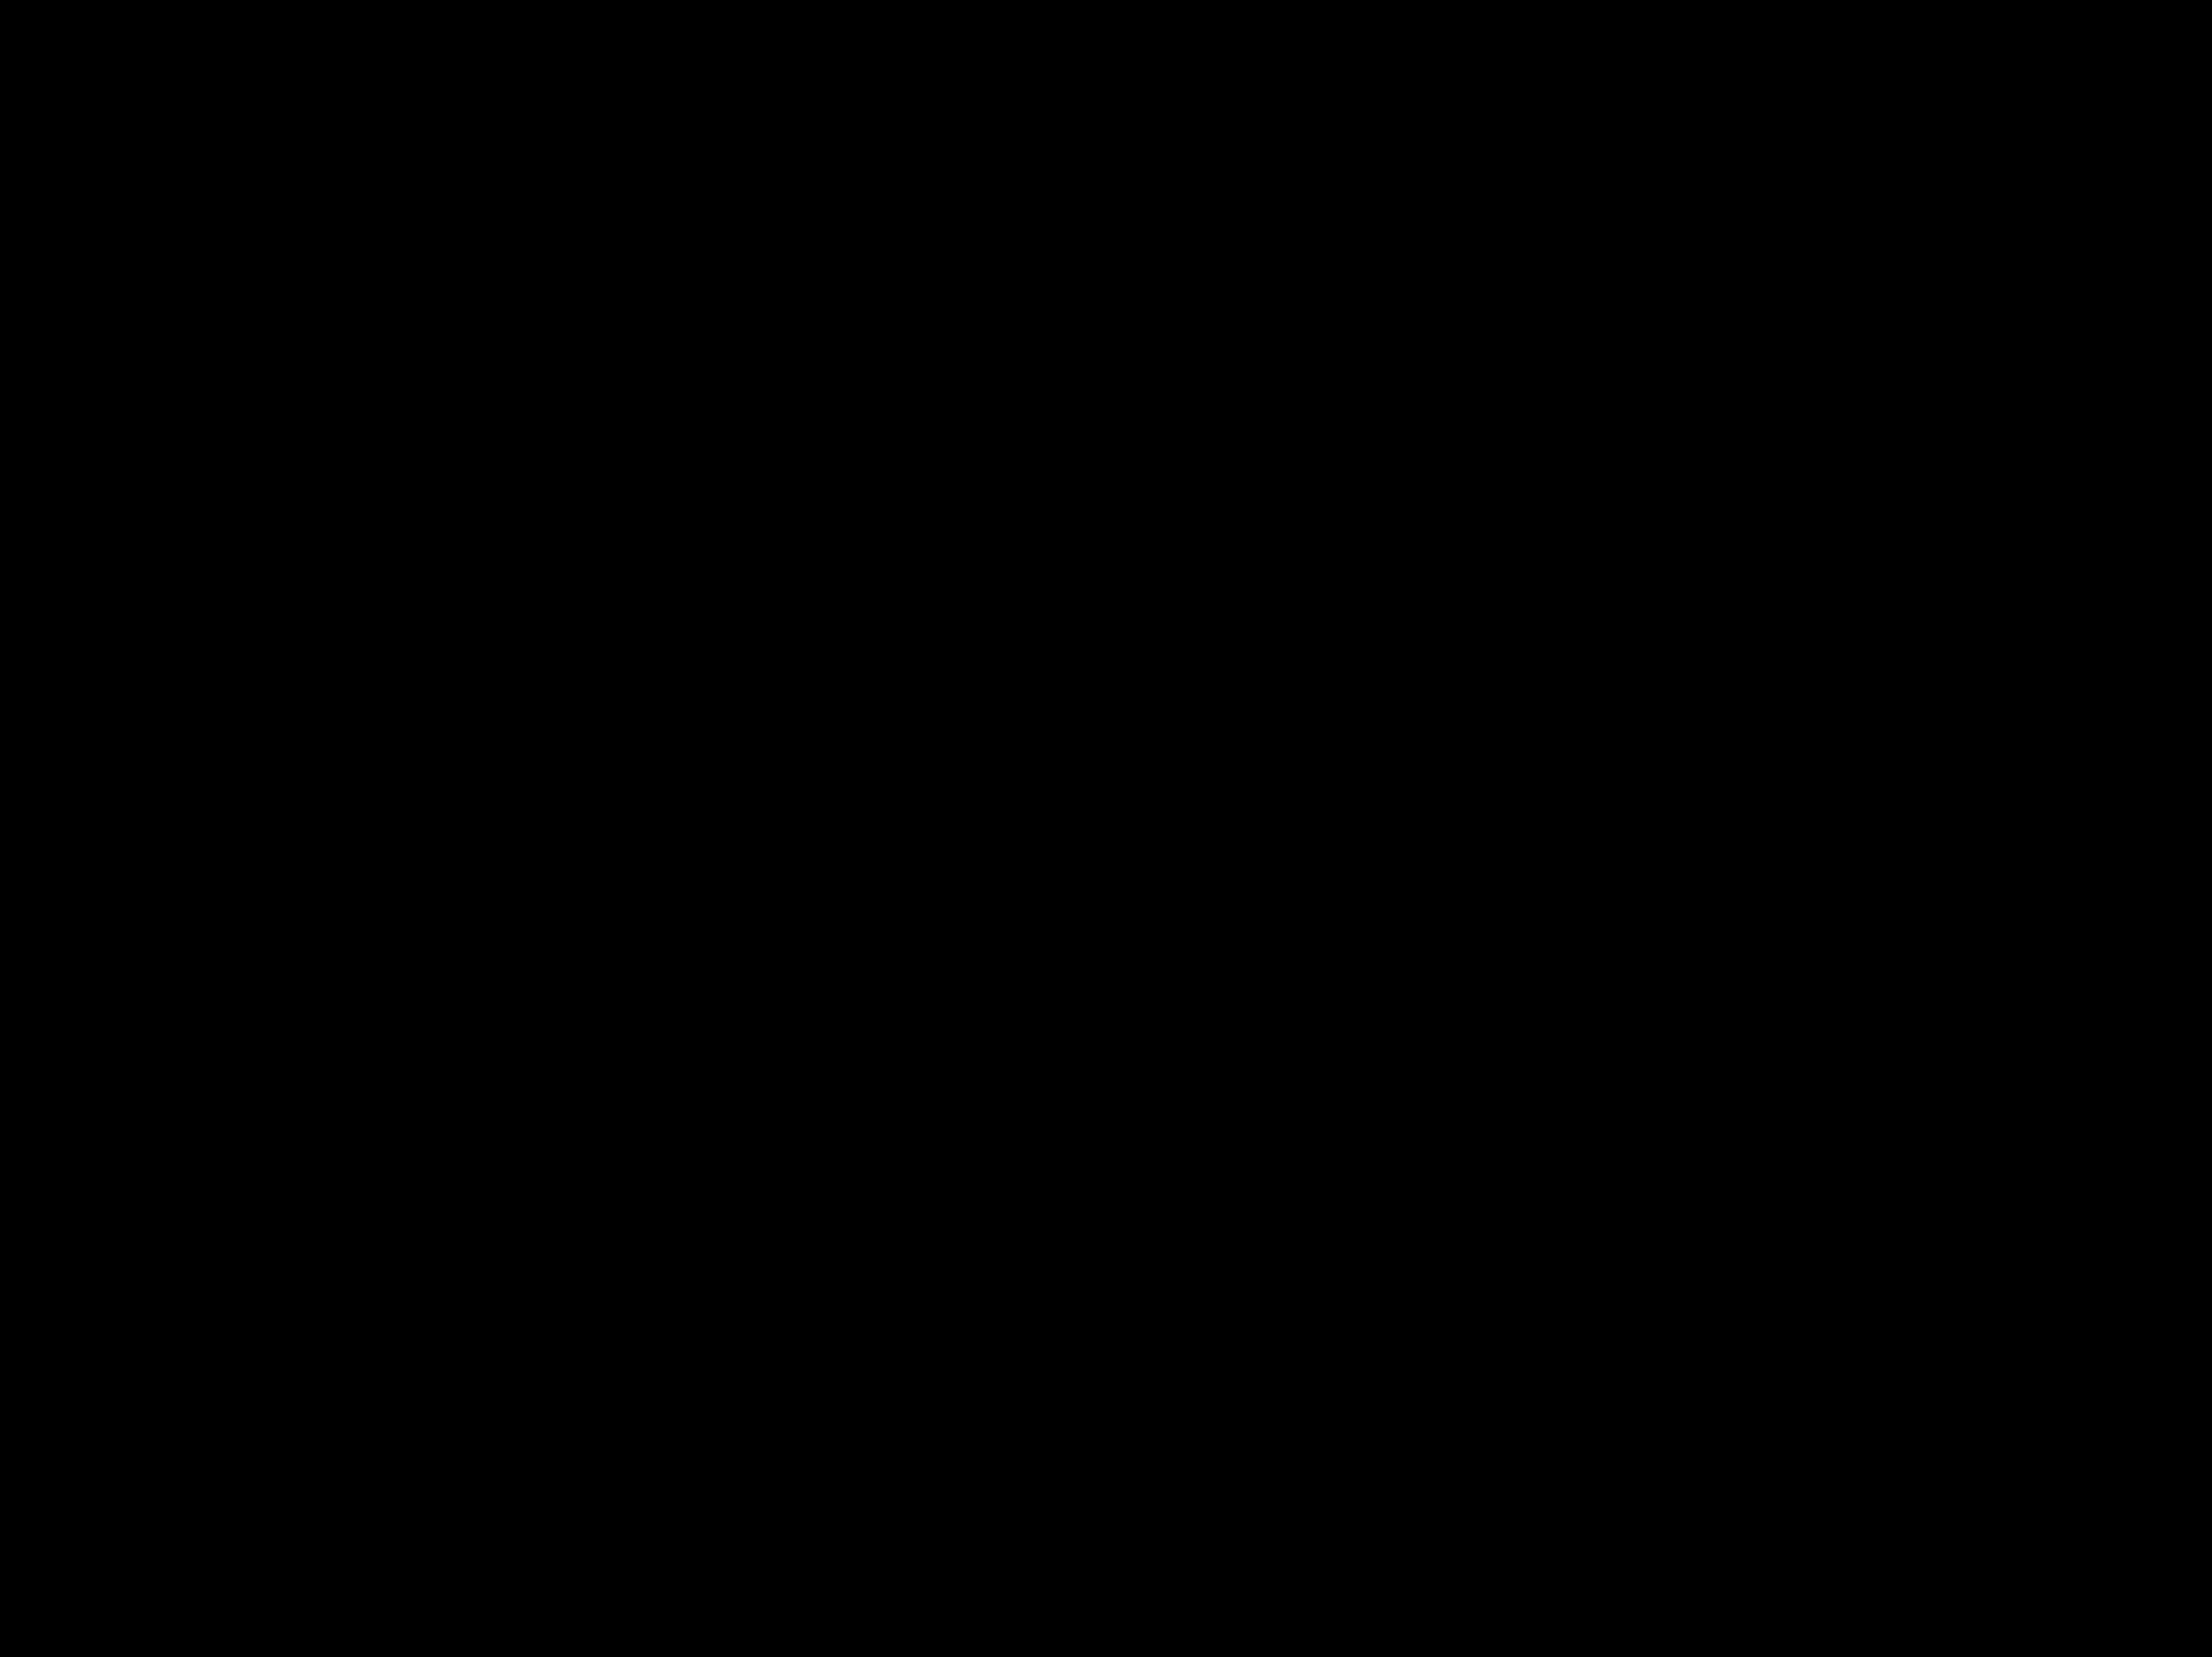 Harlan Excavating FINALS